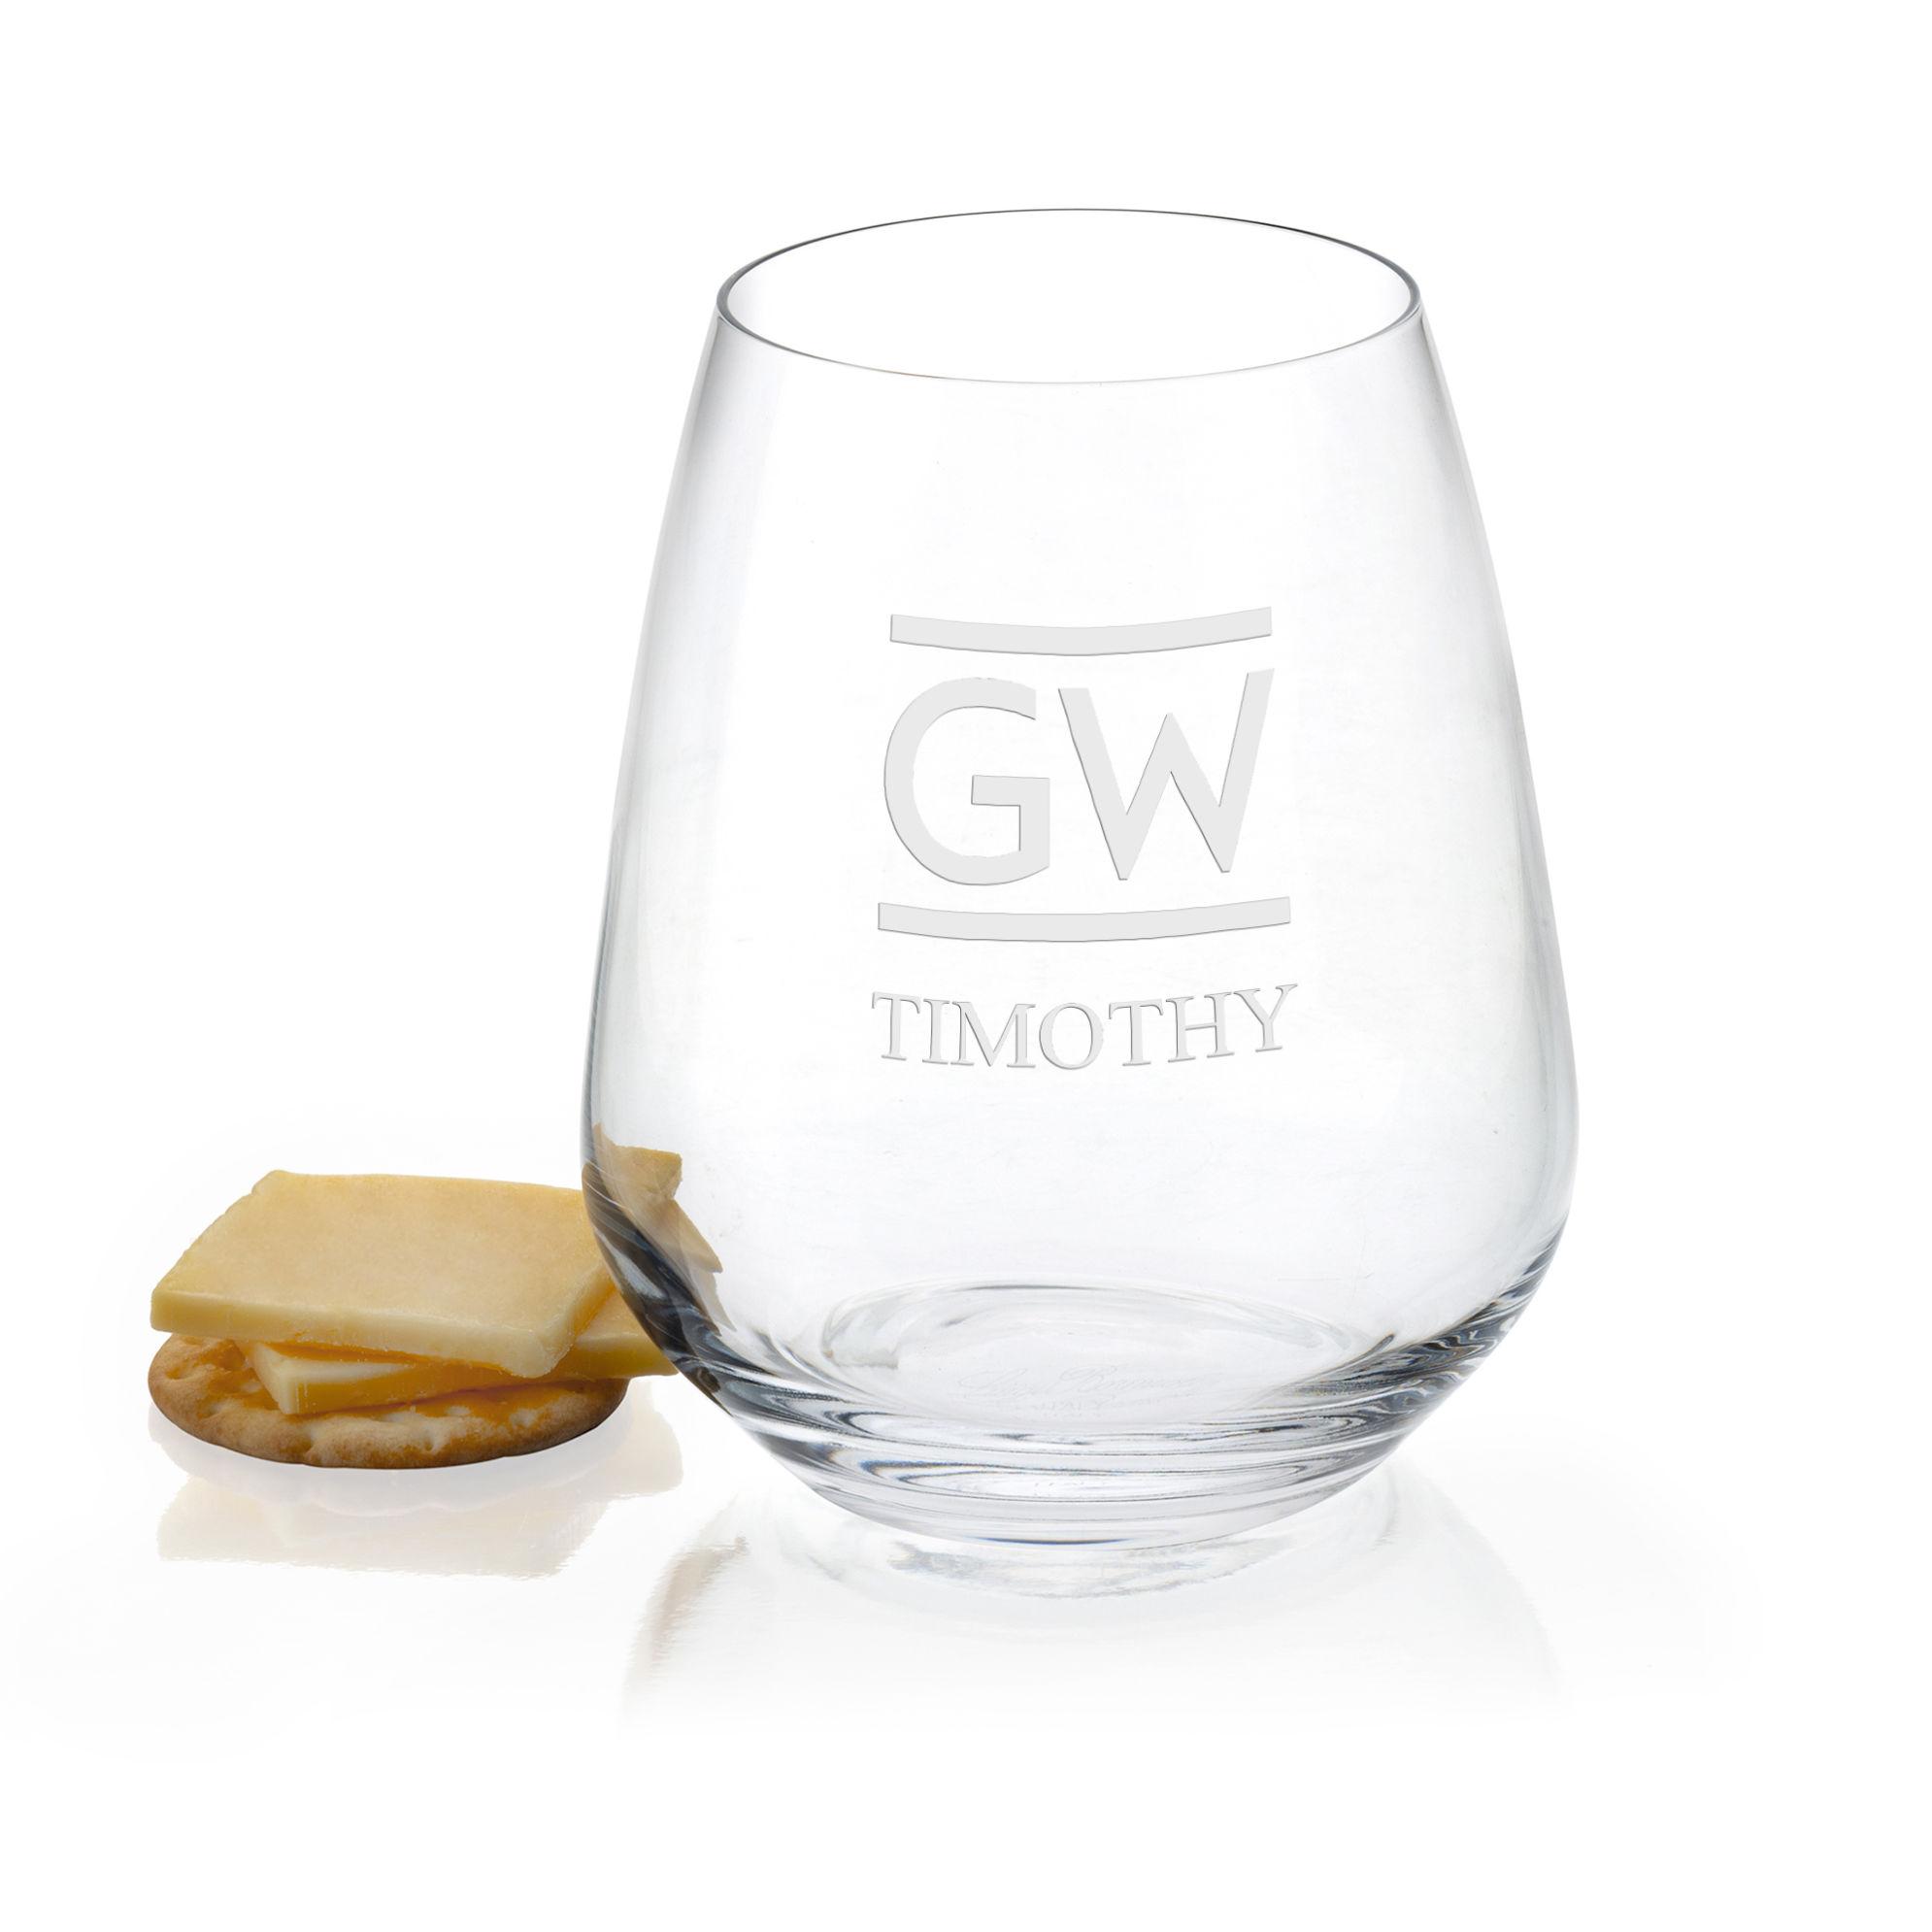 George Washington University Stemless Wine Glasses - Set of 4